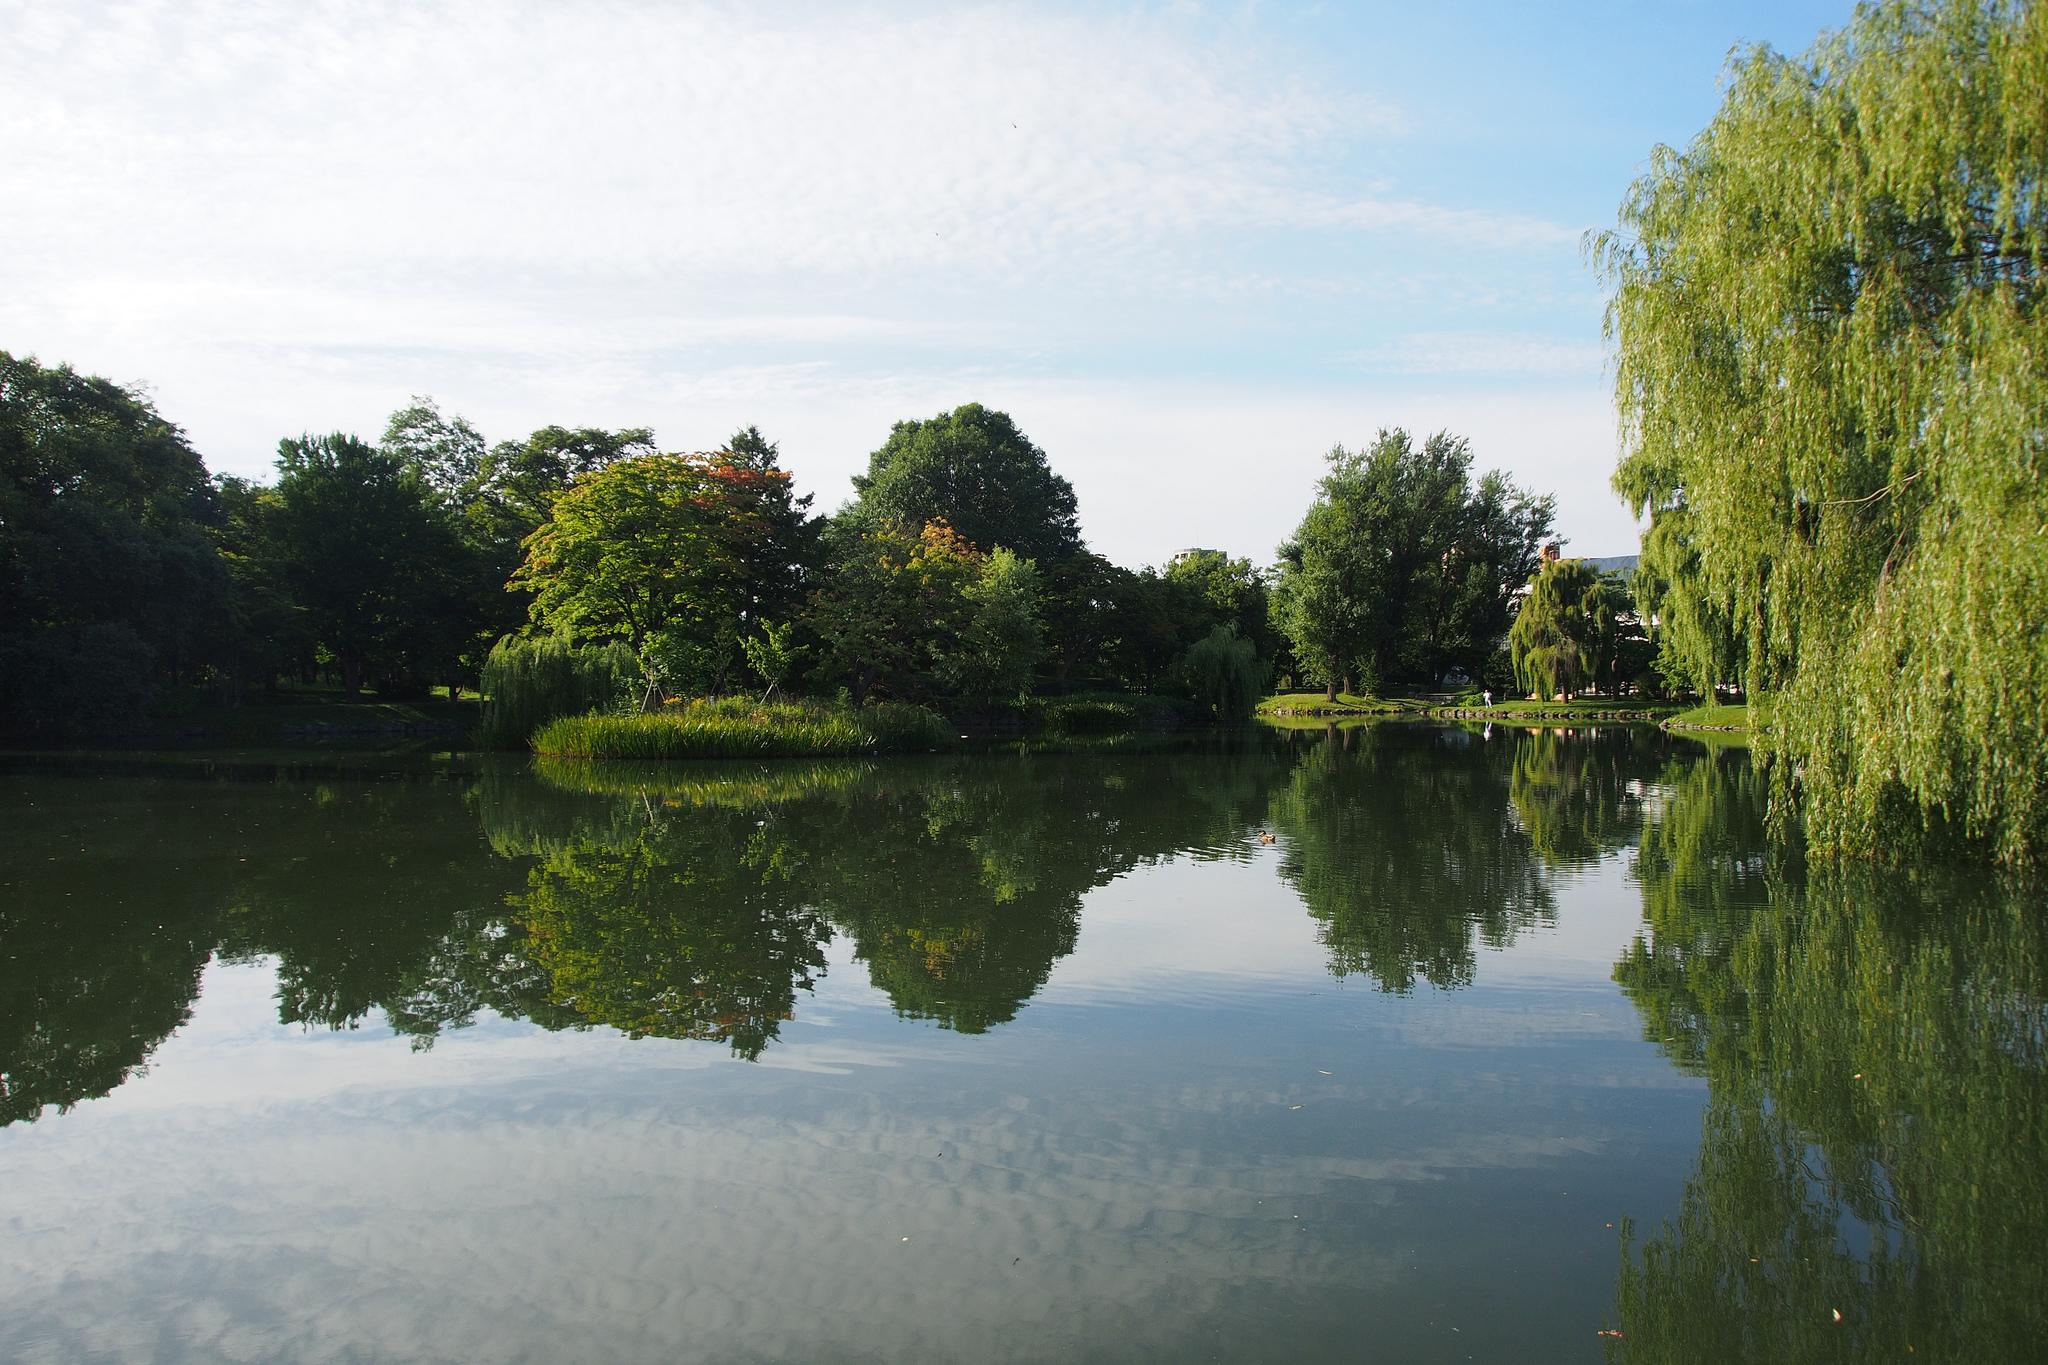 Nakajima Park